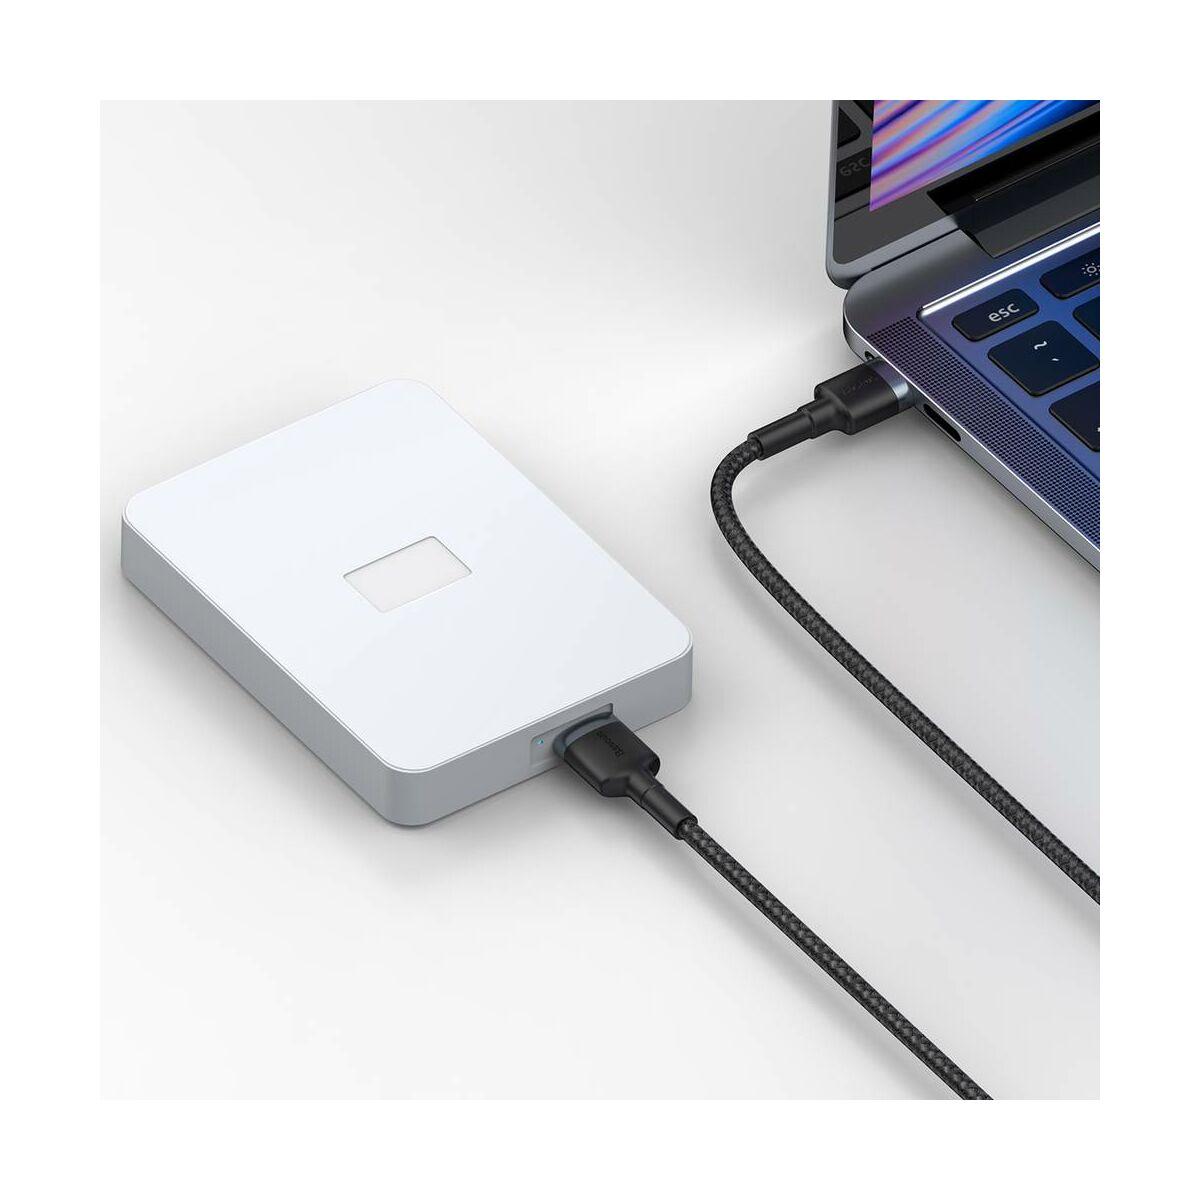 Baseus átalakító kábel, Cafule USB3.0[apa] - Micro-B 2A, 1m, szürke (CADKLF-D0G)